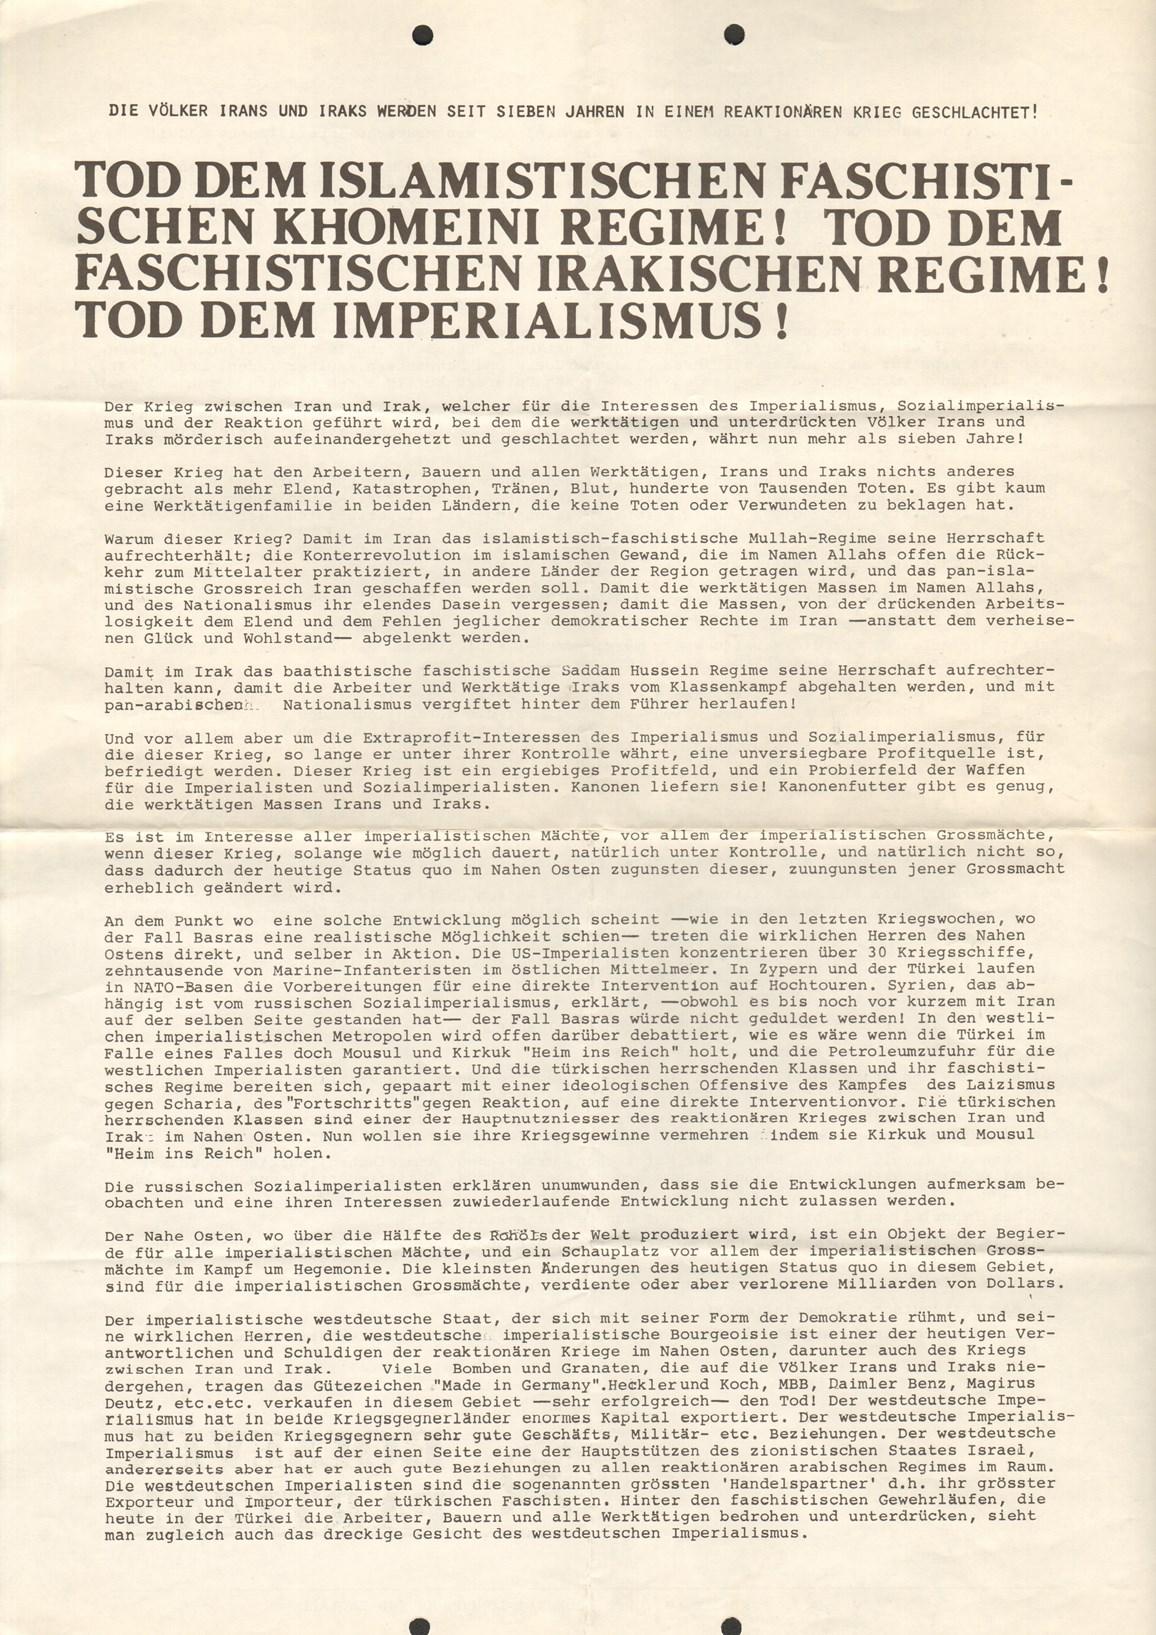 Tuerkei_Bolsevik_Partizan_Flugschriften_1987_14_01